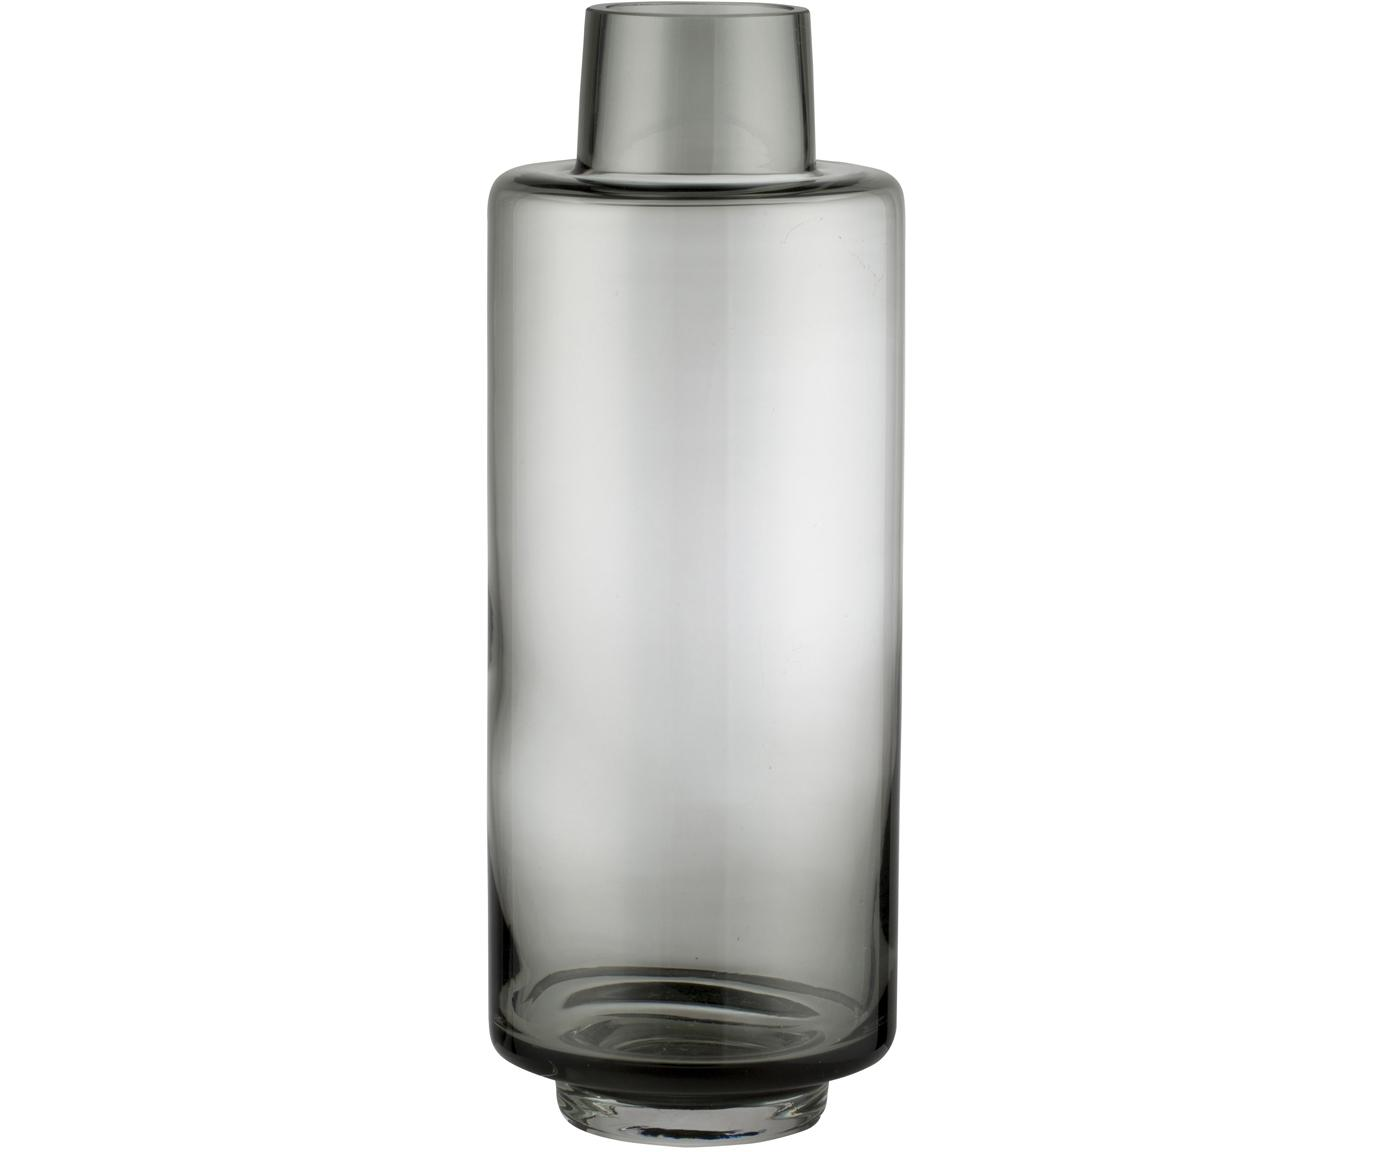 Jarrón de vidrio soplado Hedria, grande, Vidrio, Gris oscuro, Ø 11 x Al 30 cm